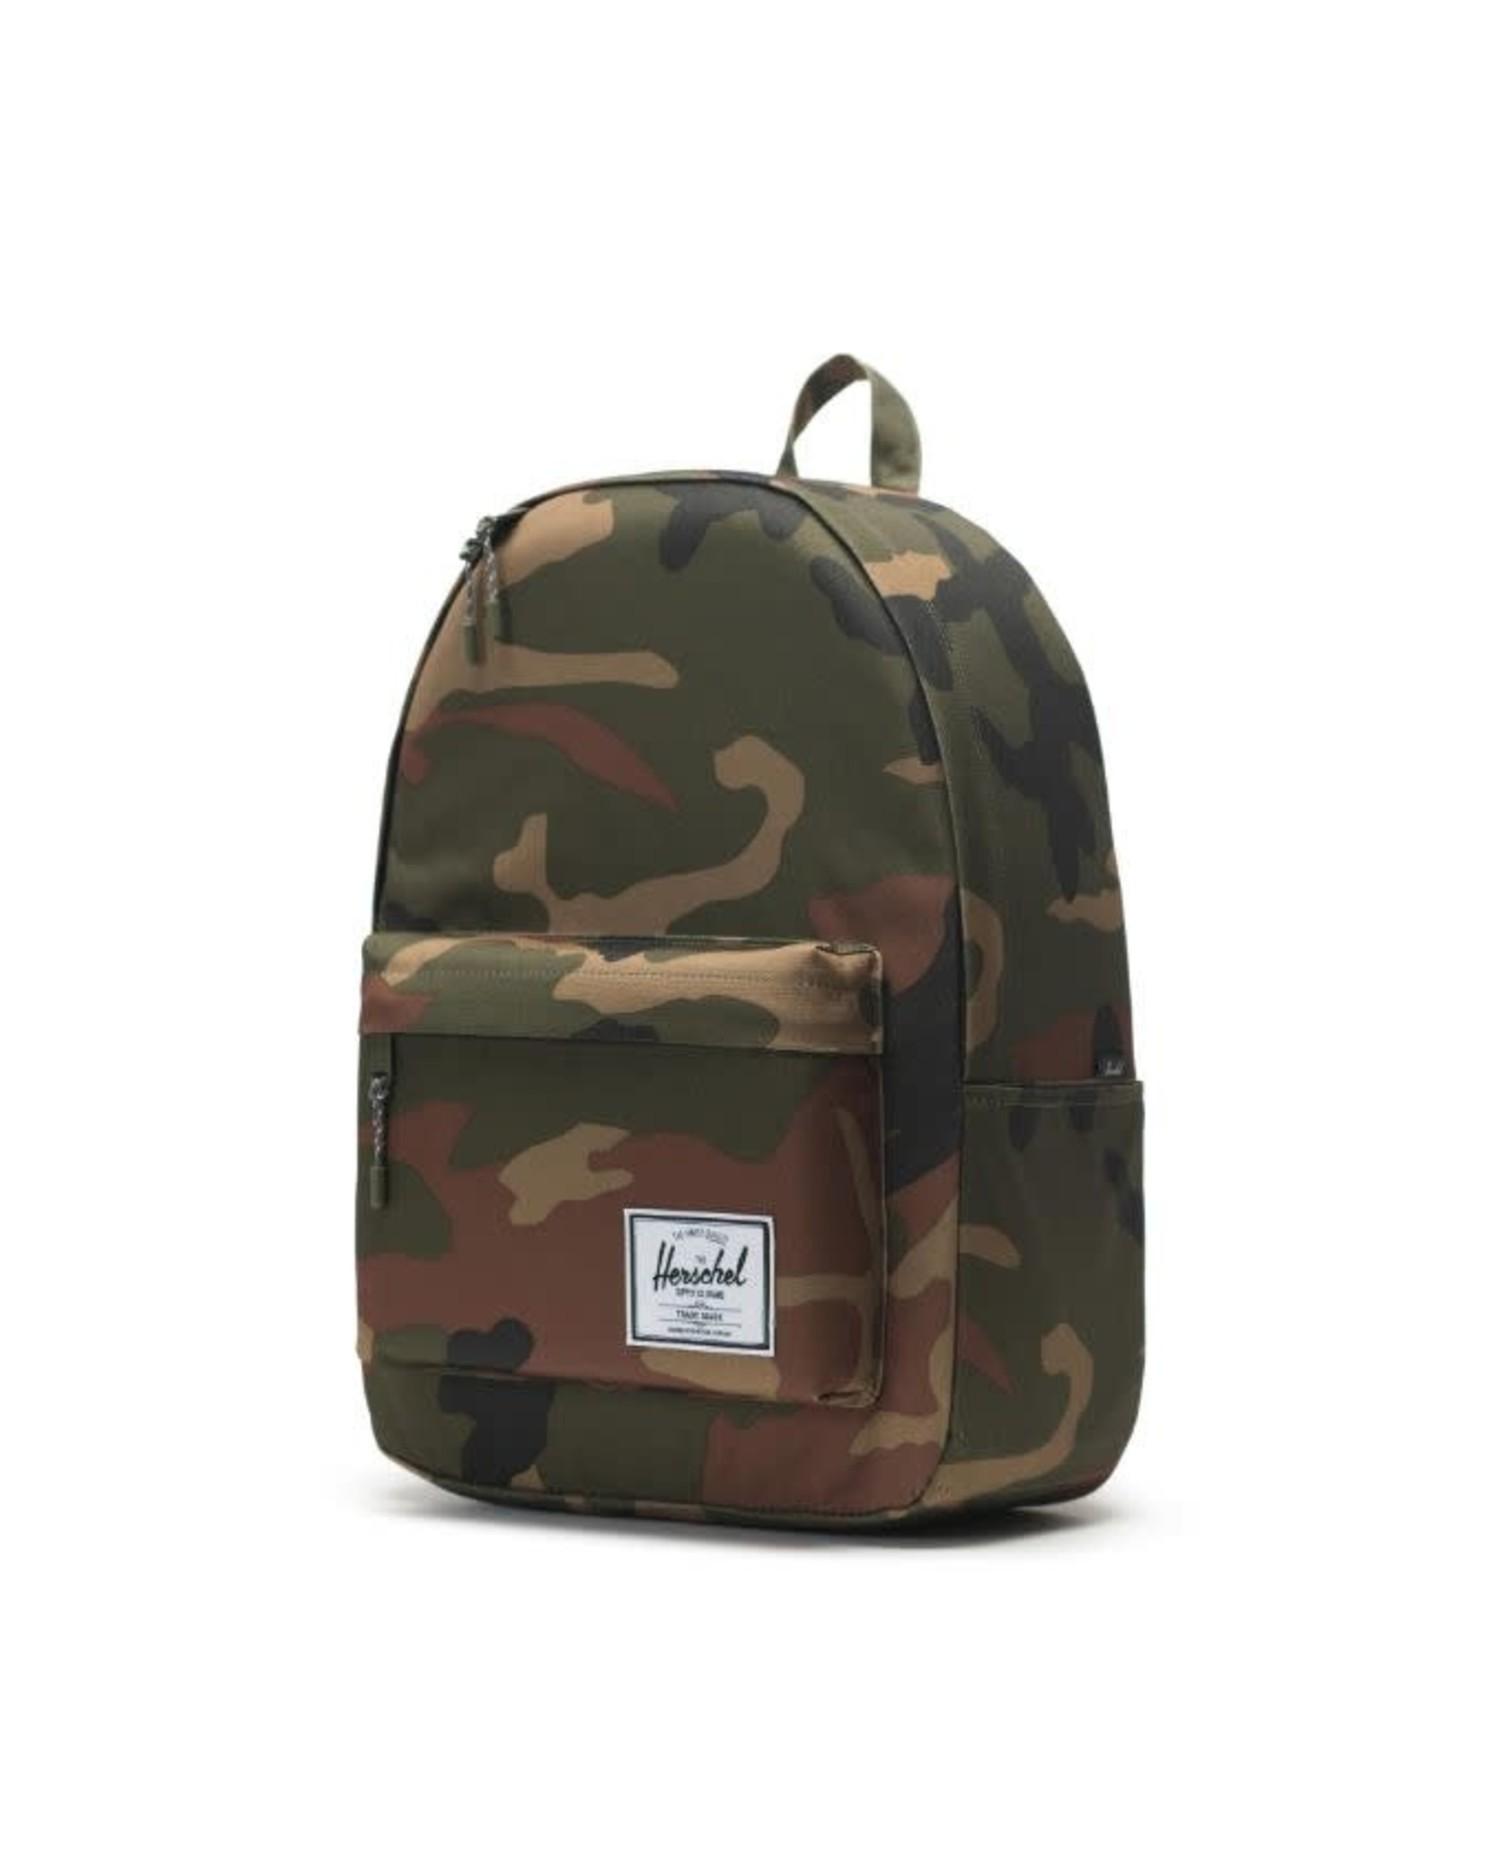 Herschel Herschel Classic X Large Backpack